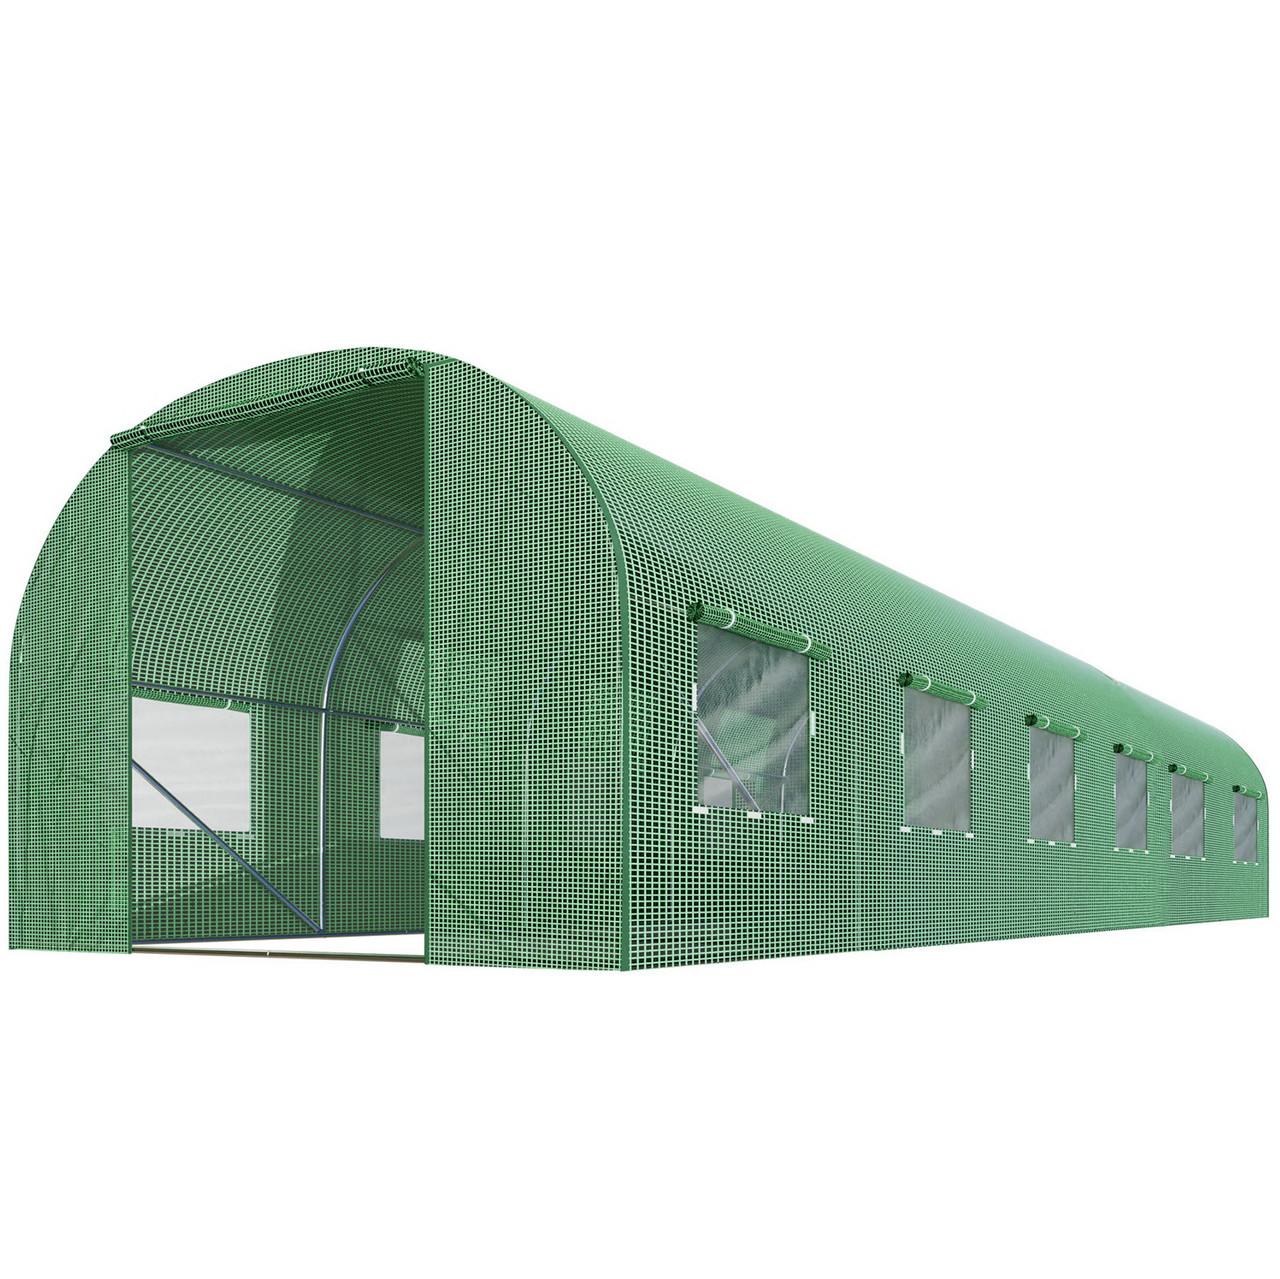 Теплица парник Homart 3x6m 18m2 (9348)